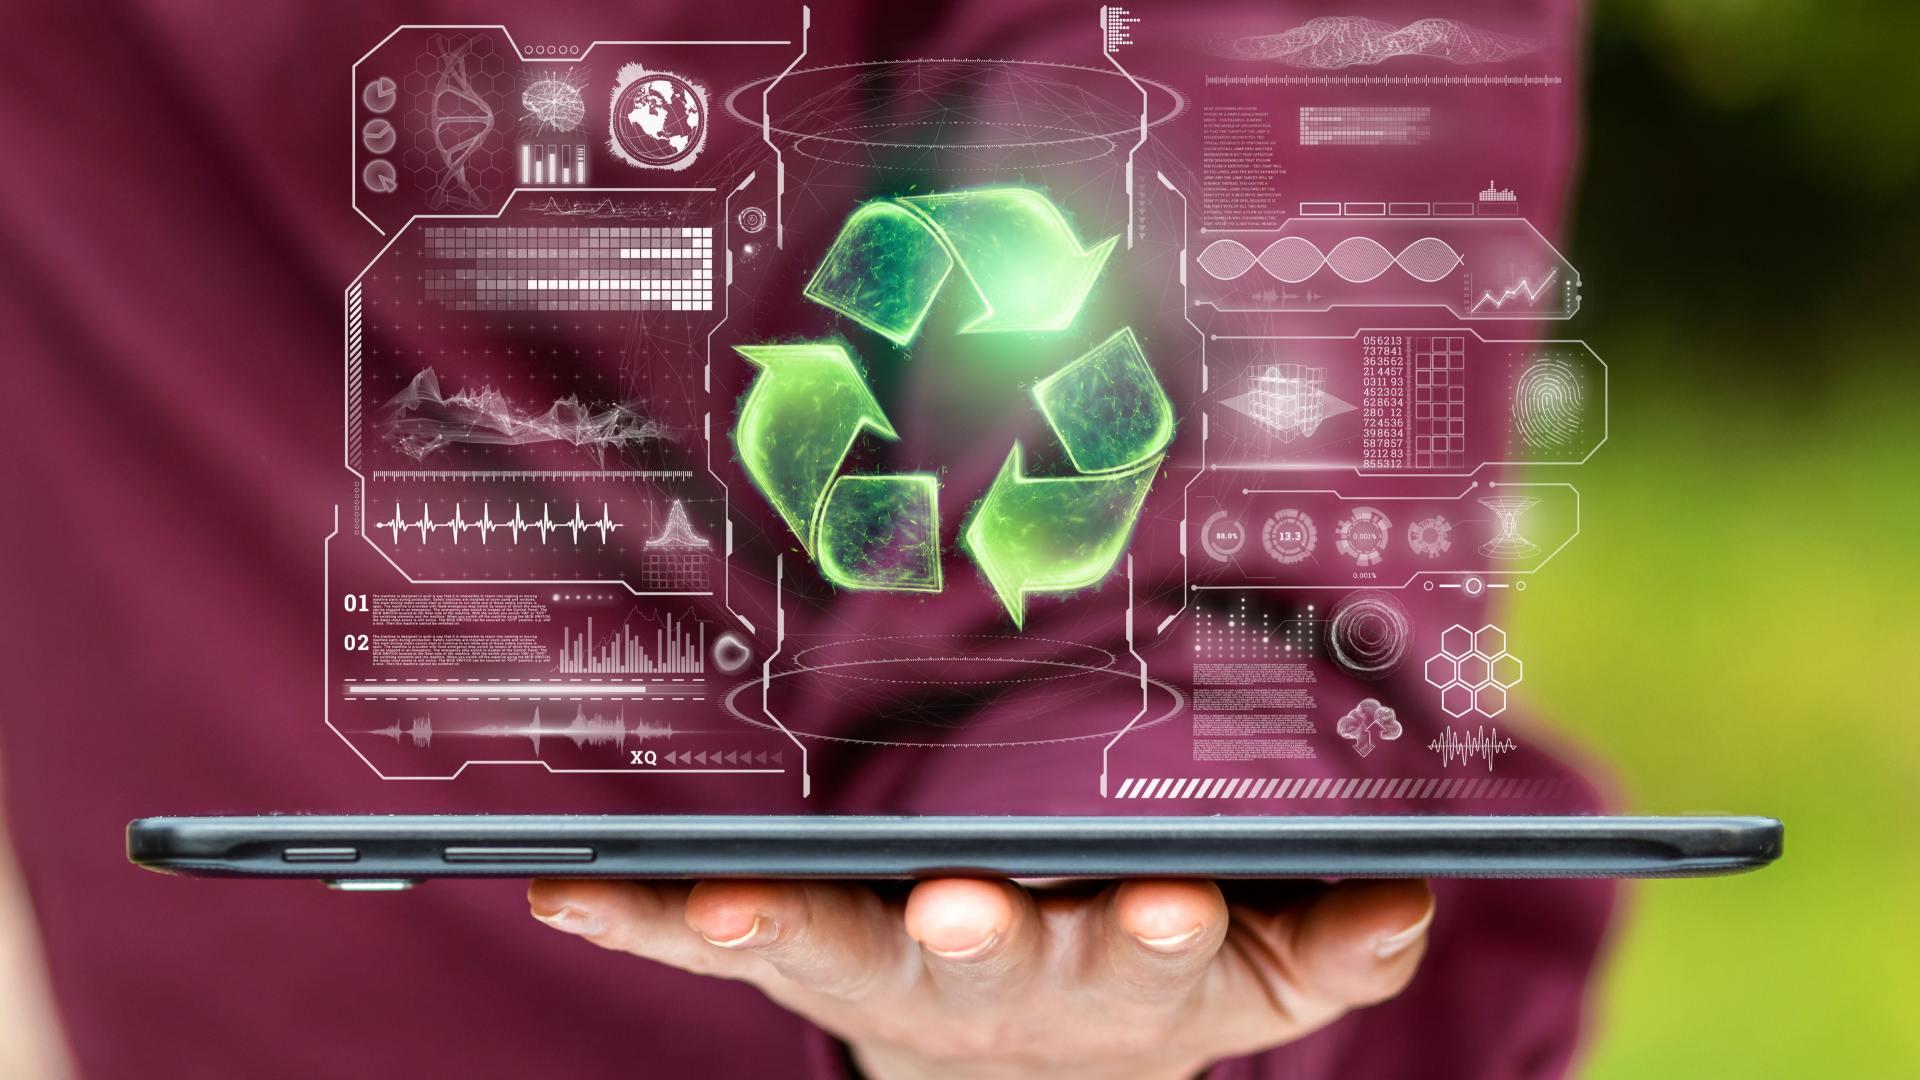 Die Digitale Agenda der Wirtschaftsbetriebe Duisburg: Bewährte Stärken und neue digitale Kräfte bündeln